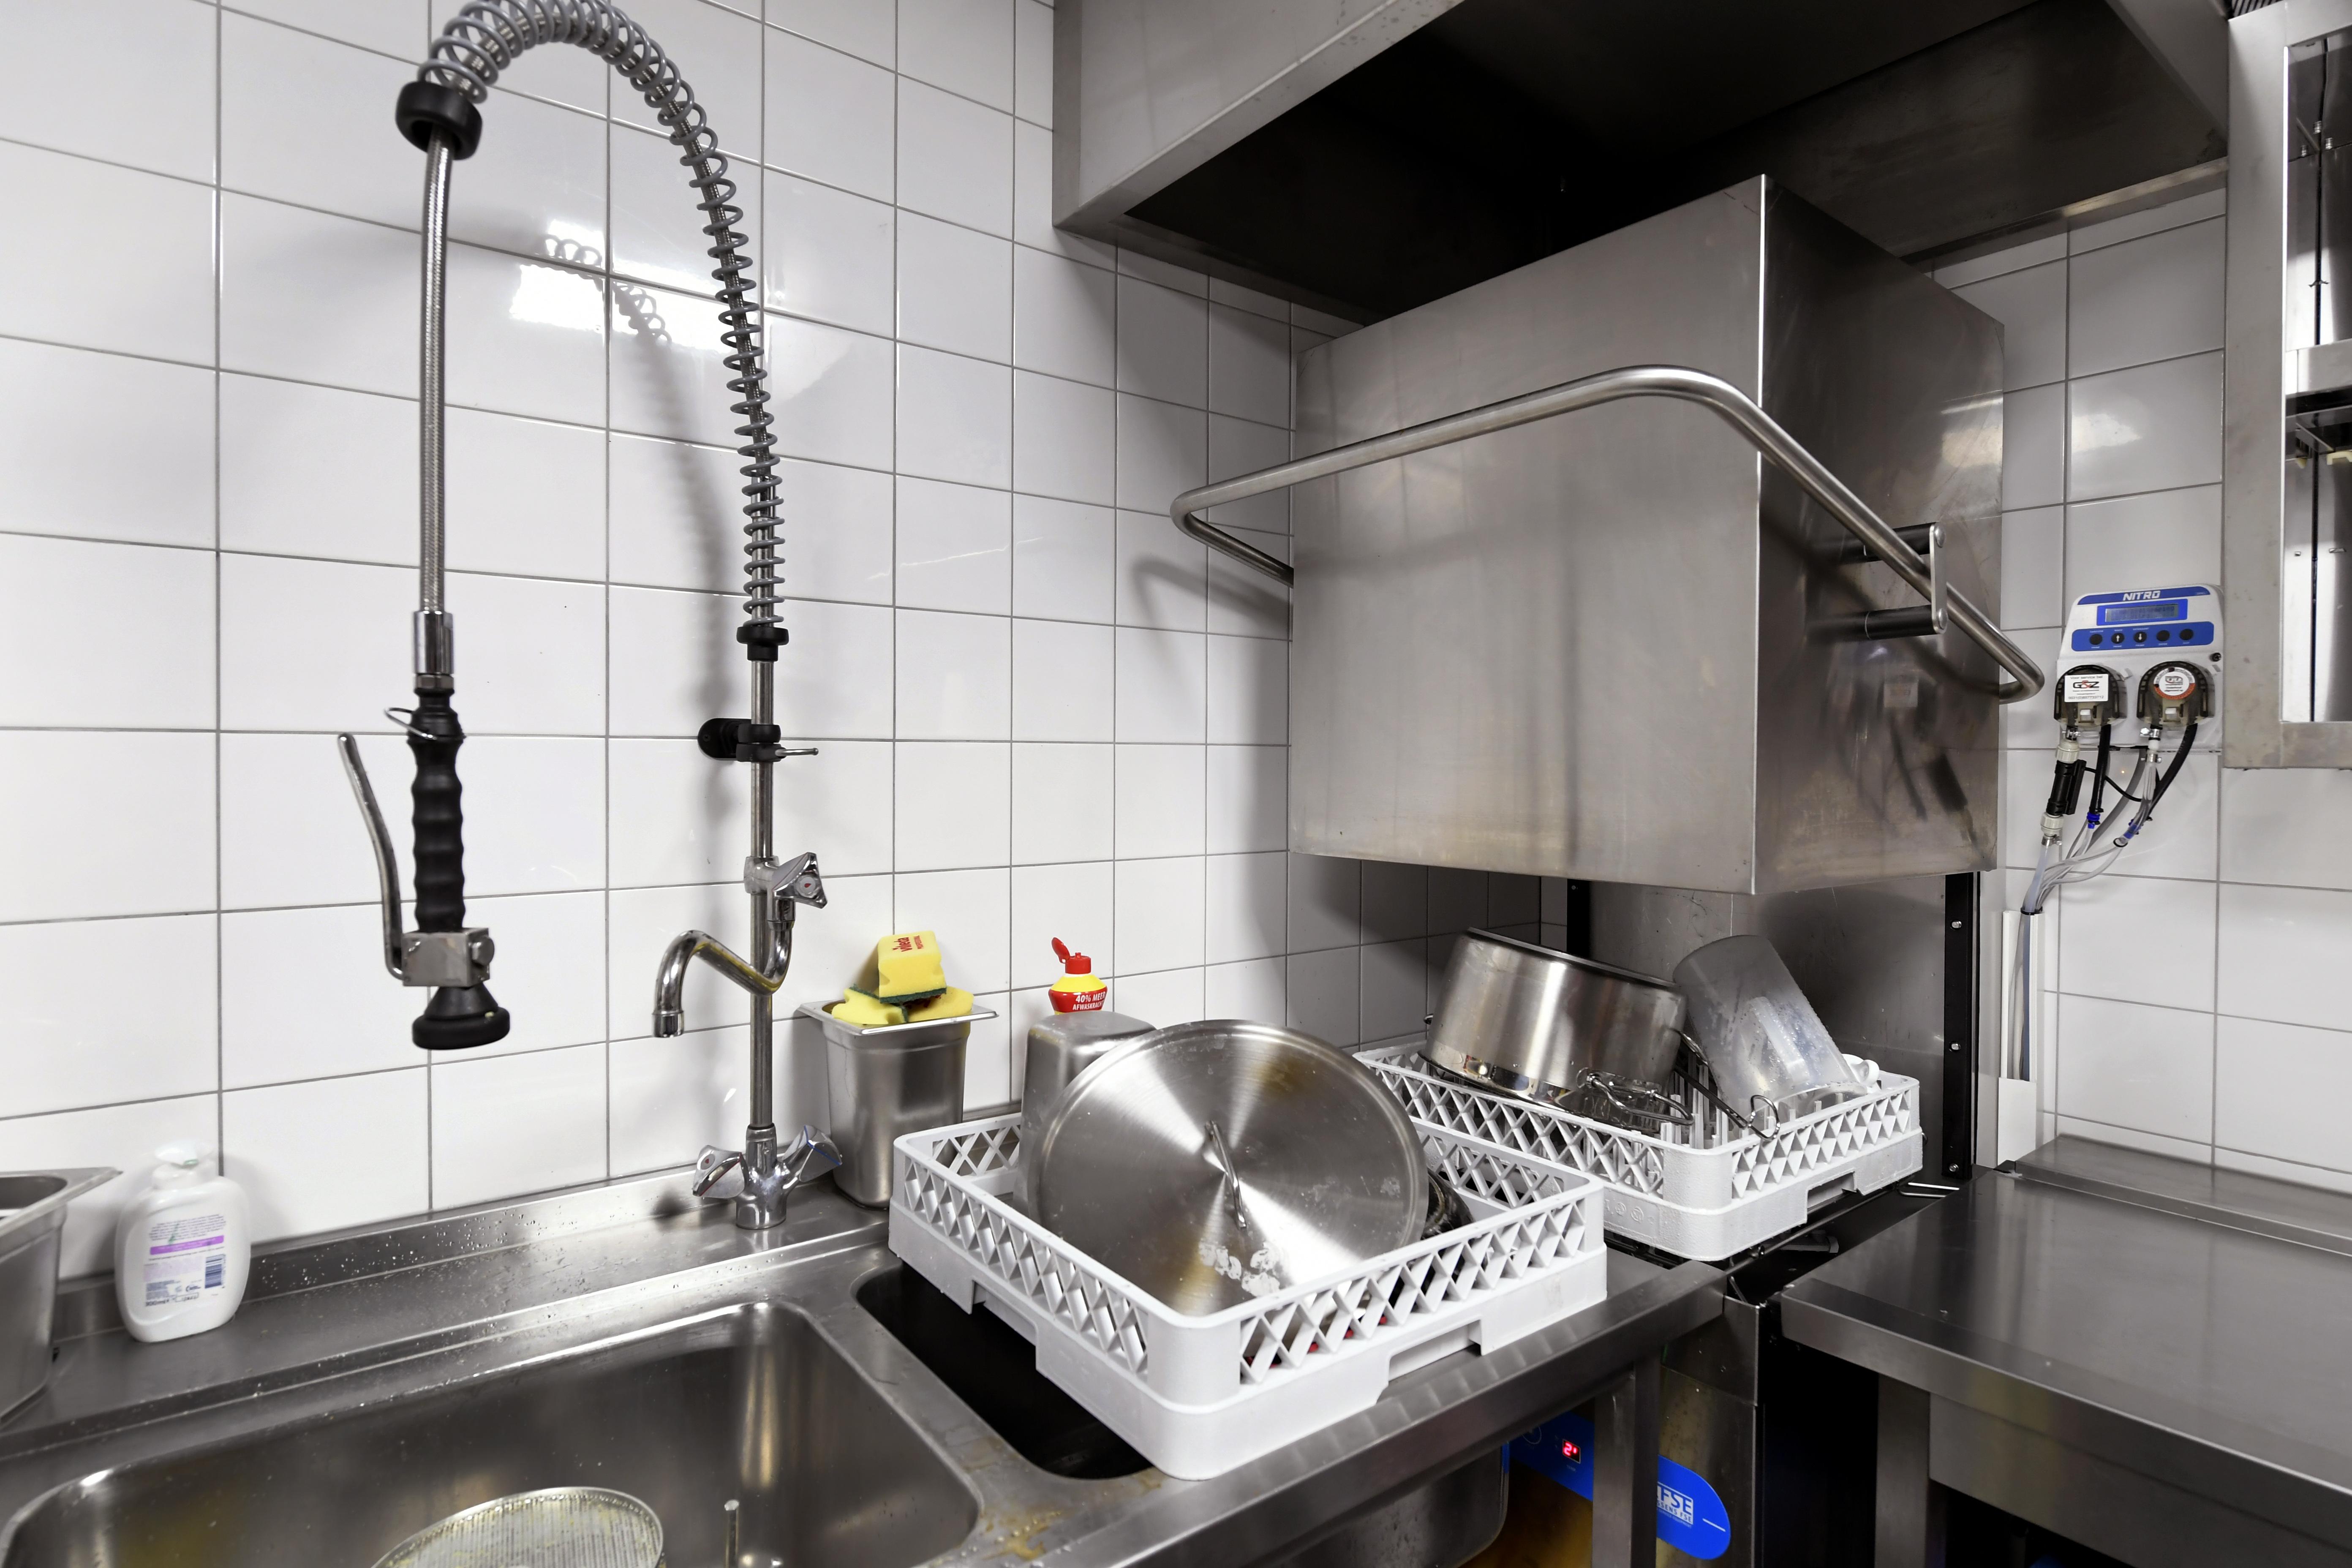 Keukeninrichting in de horeca: splinternieuwe keuken miss moneypenney